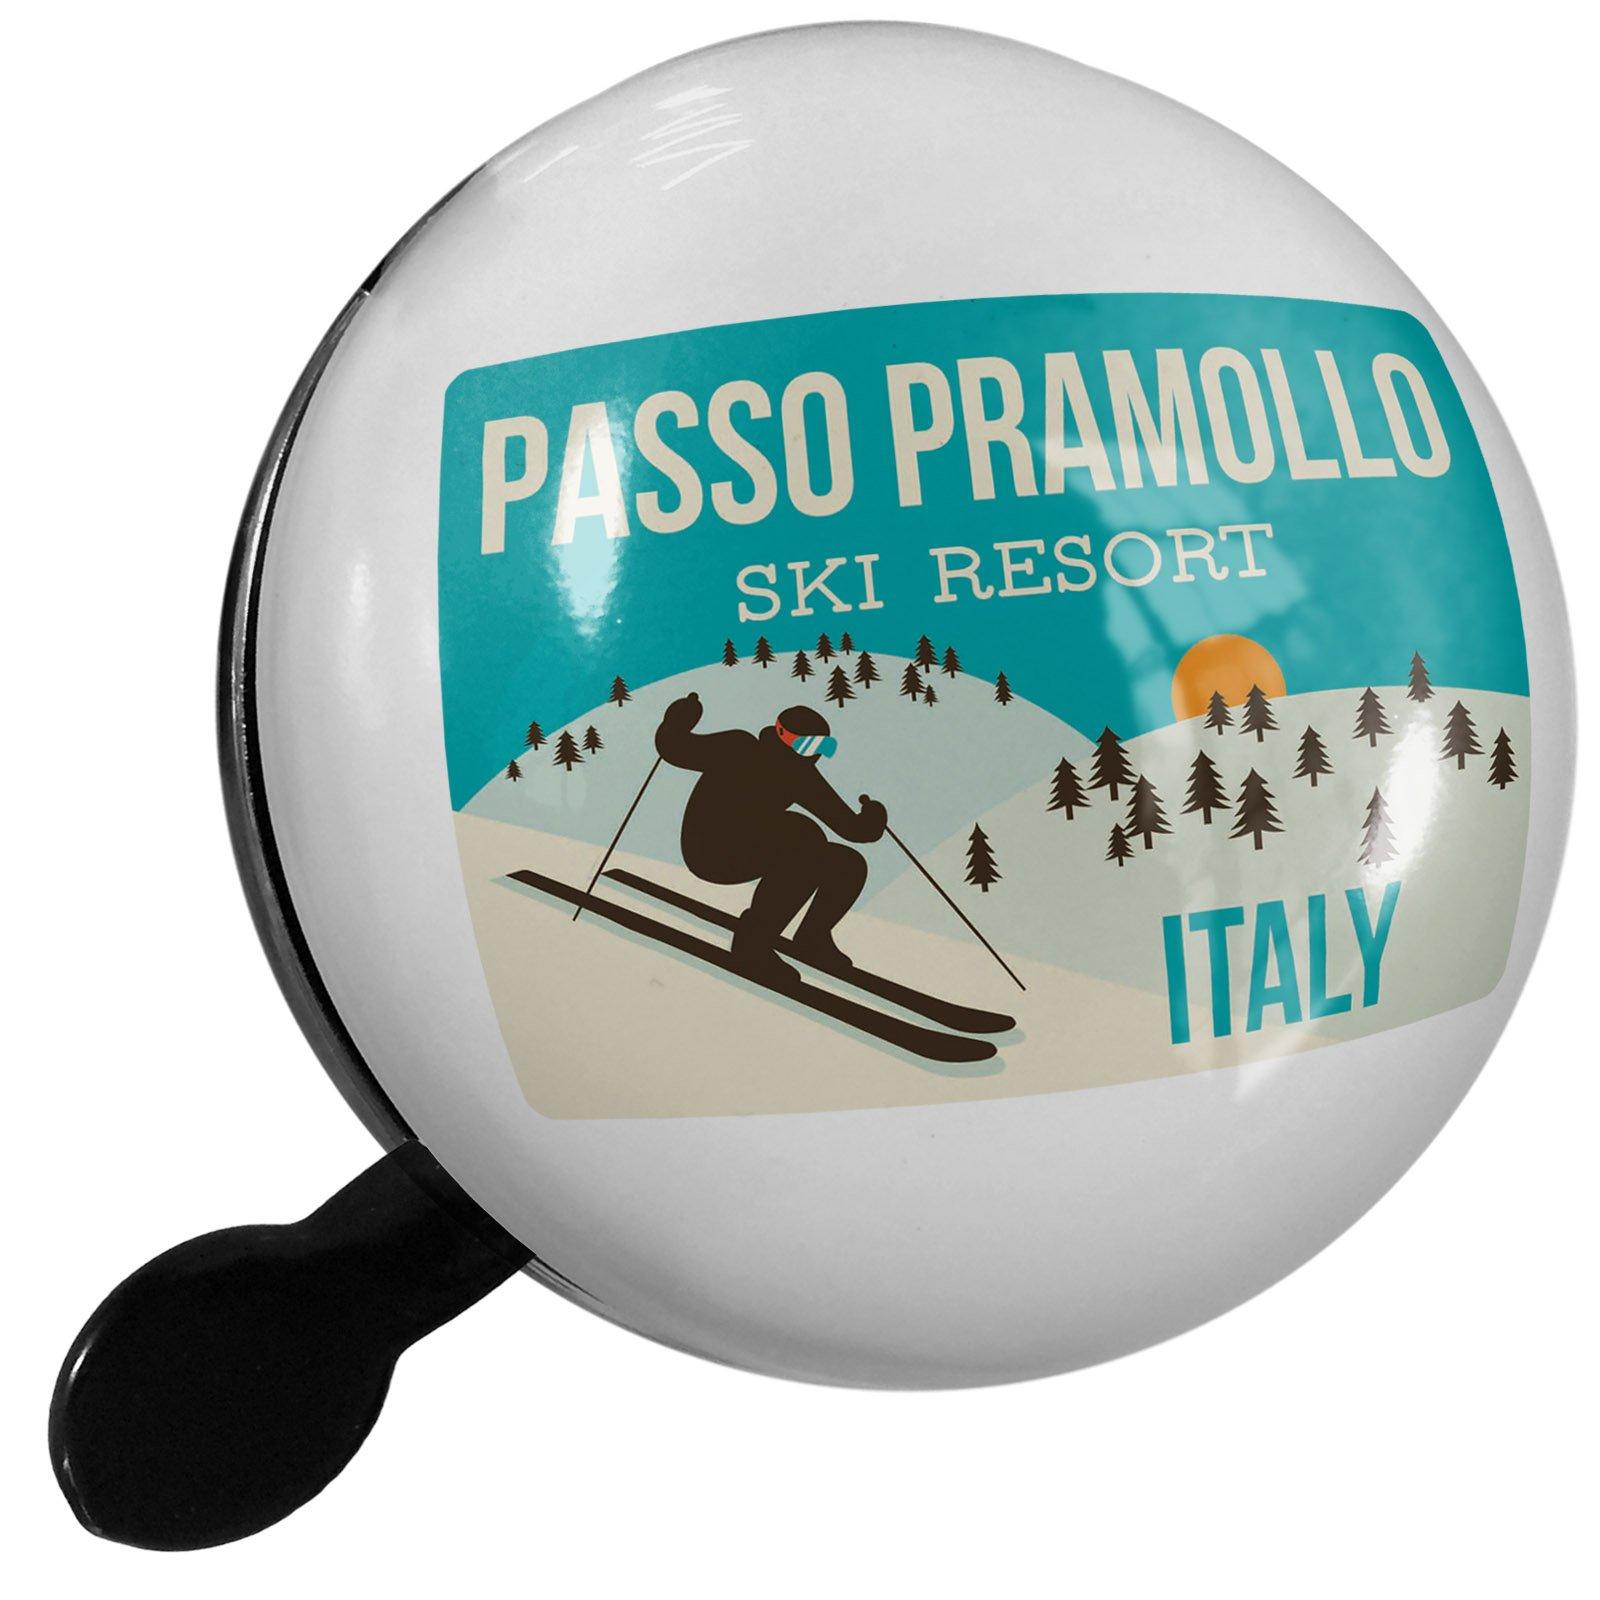 Small Bike Bell Passo Pramollo Ski Resort - Italy Ski Resort - NEONBLOND